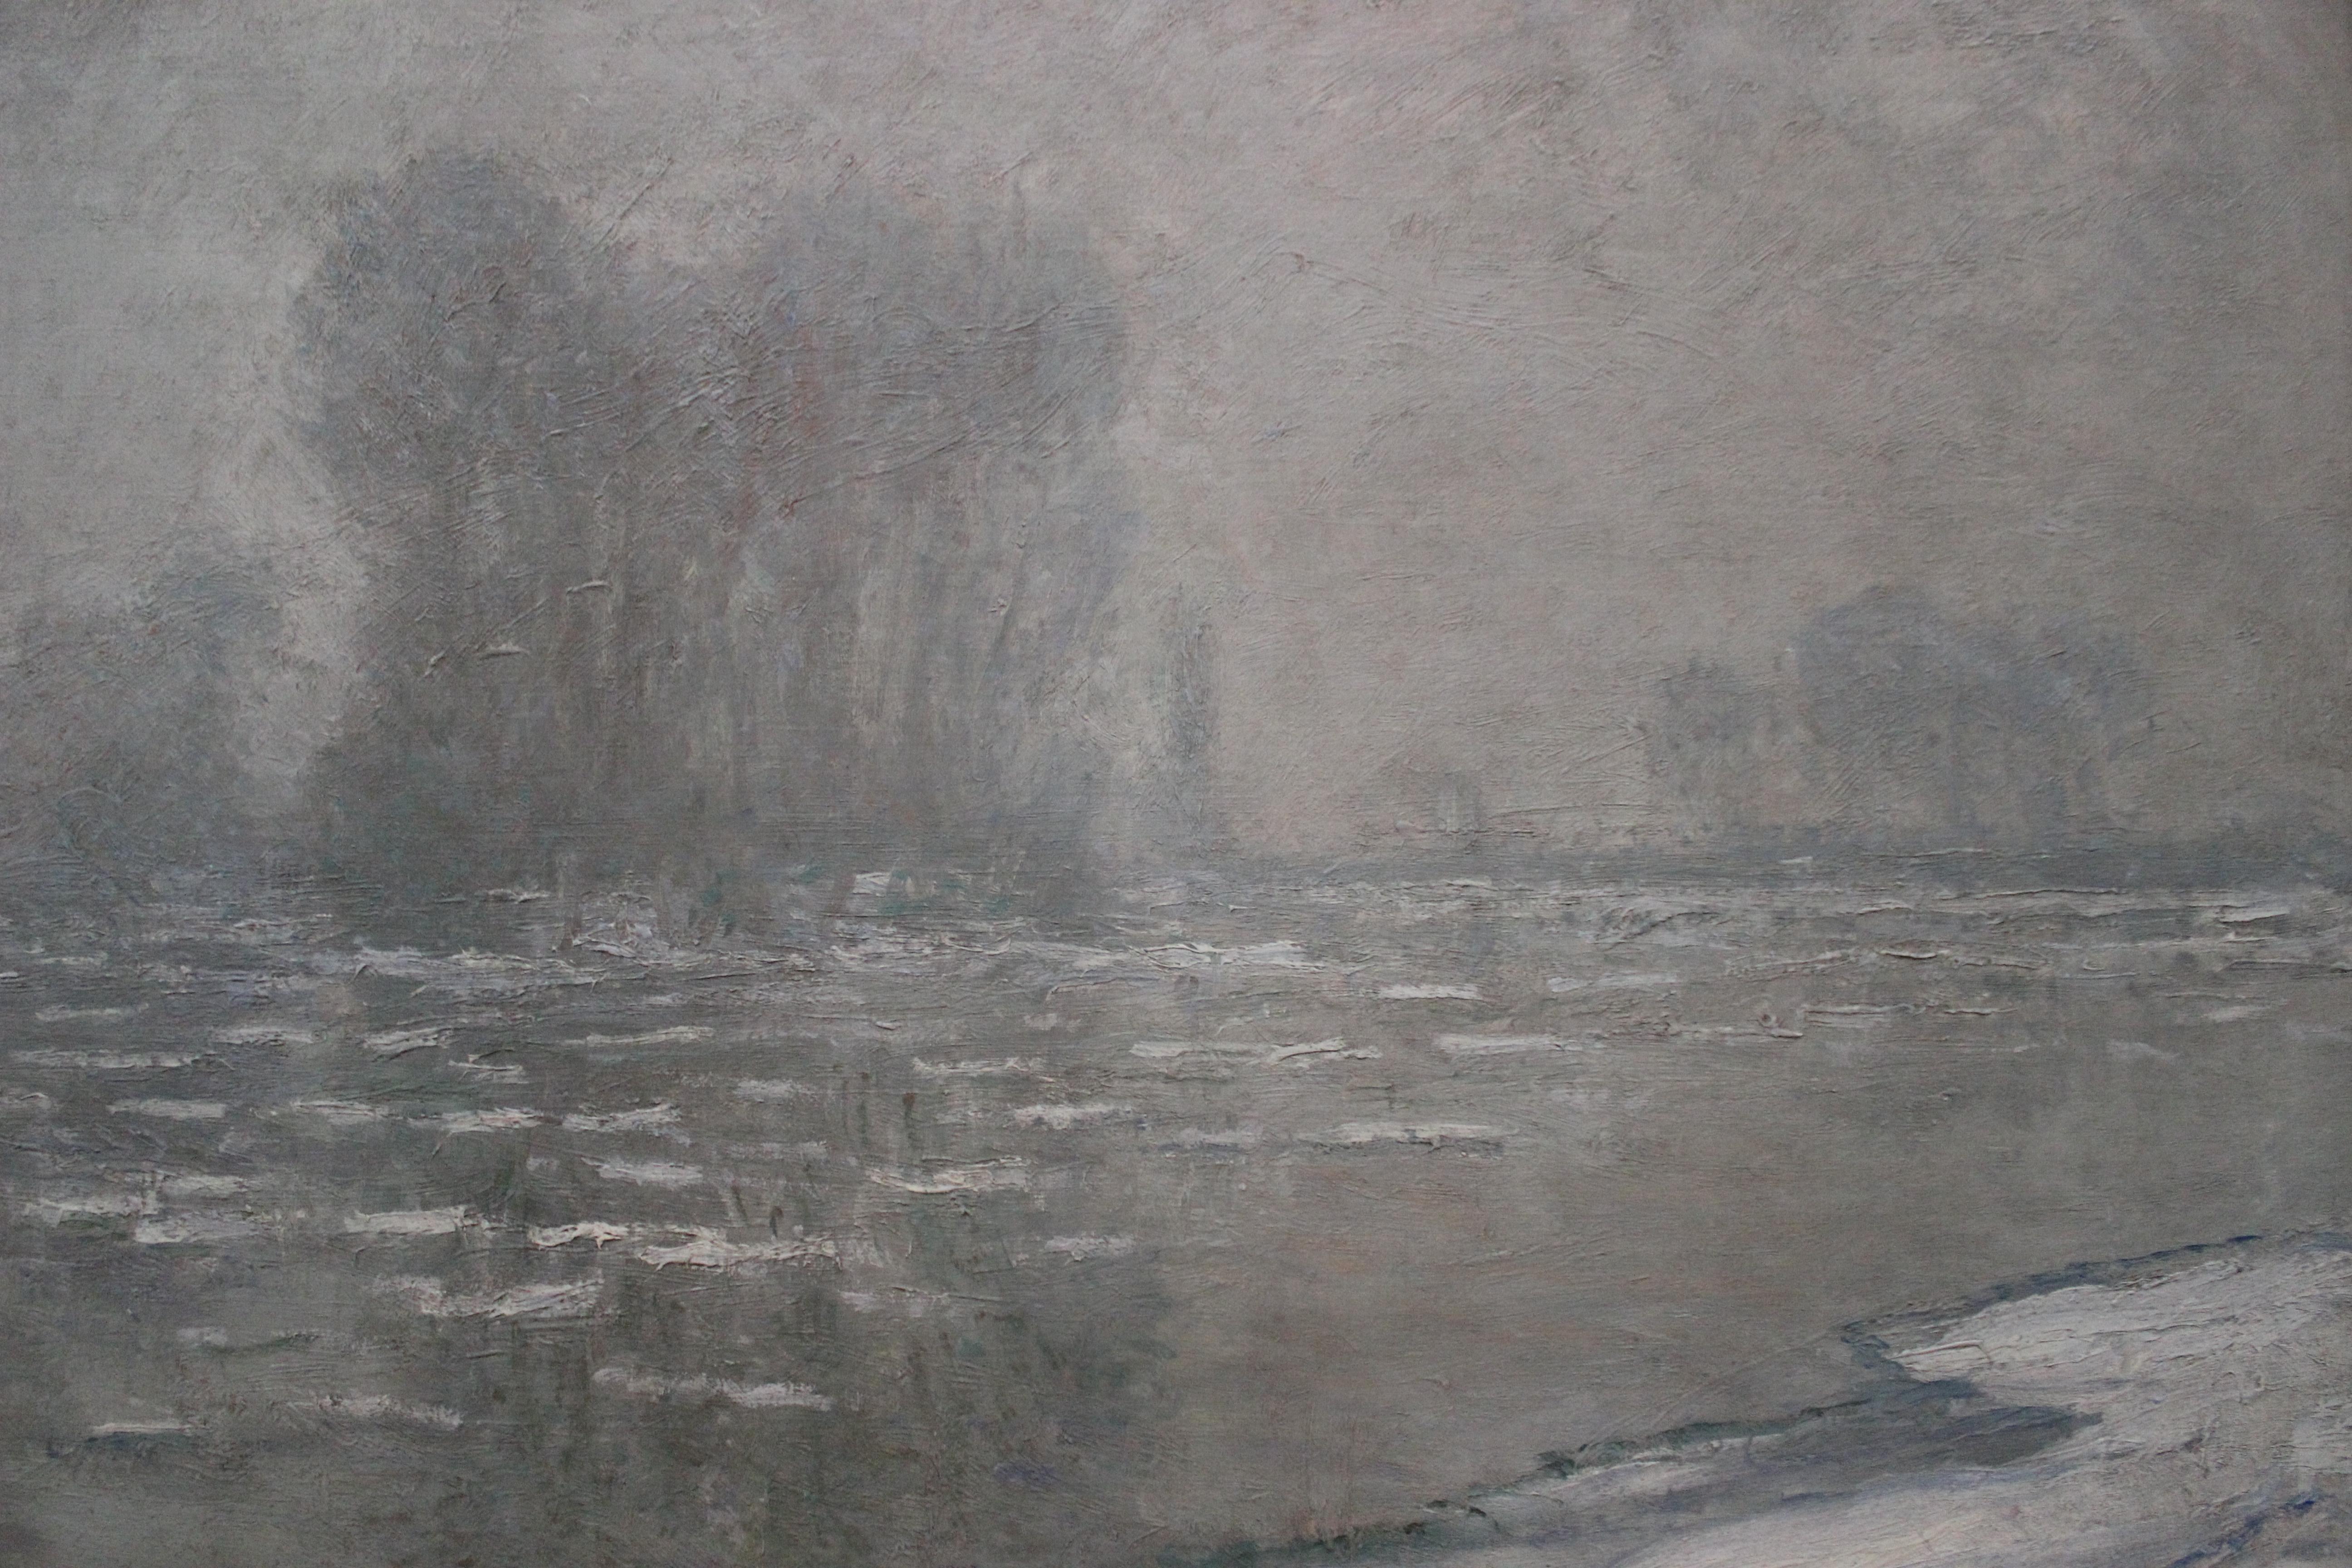 Monet's *Matin brumeux, débâcle*